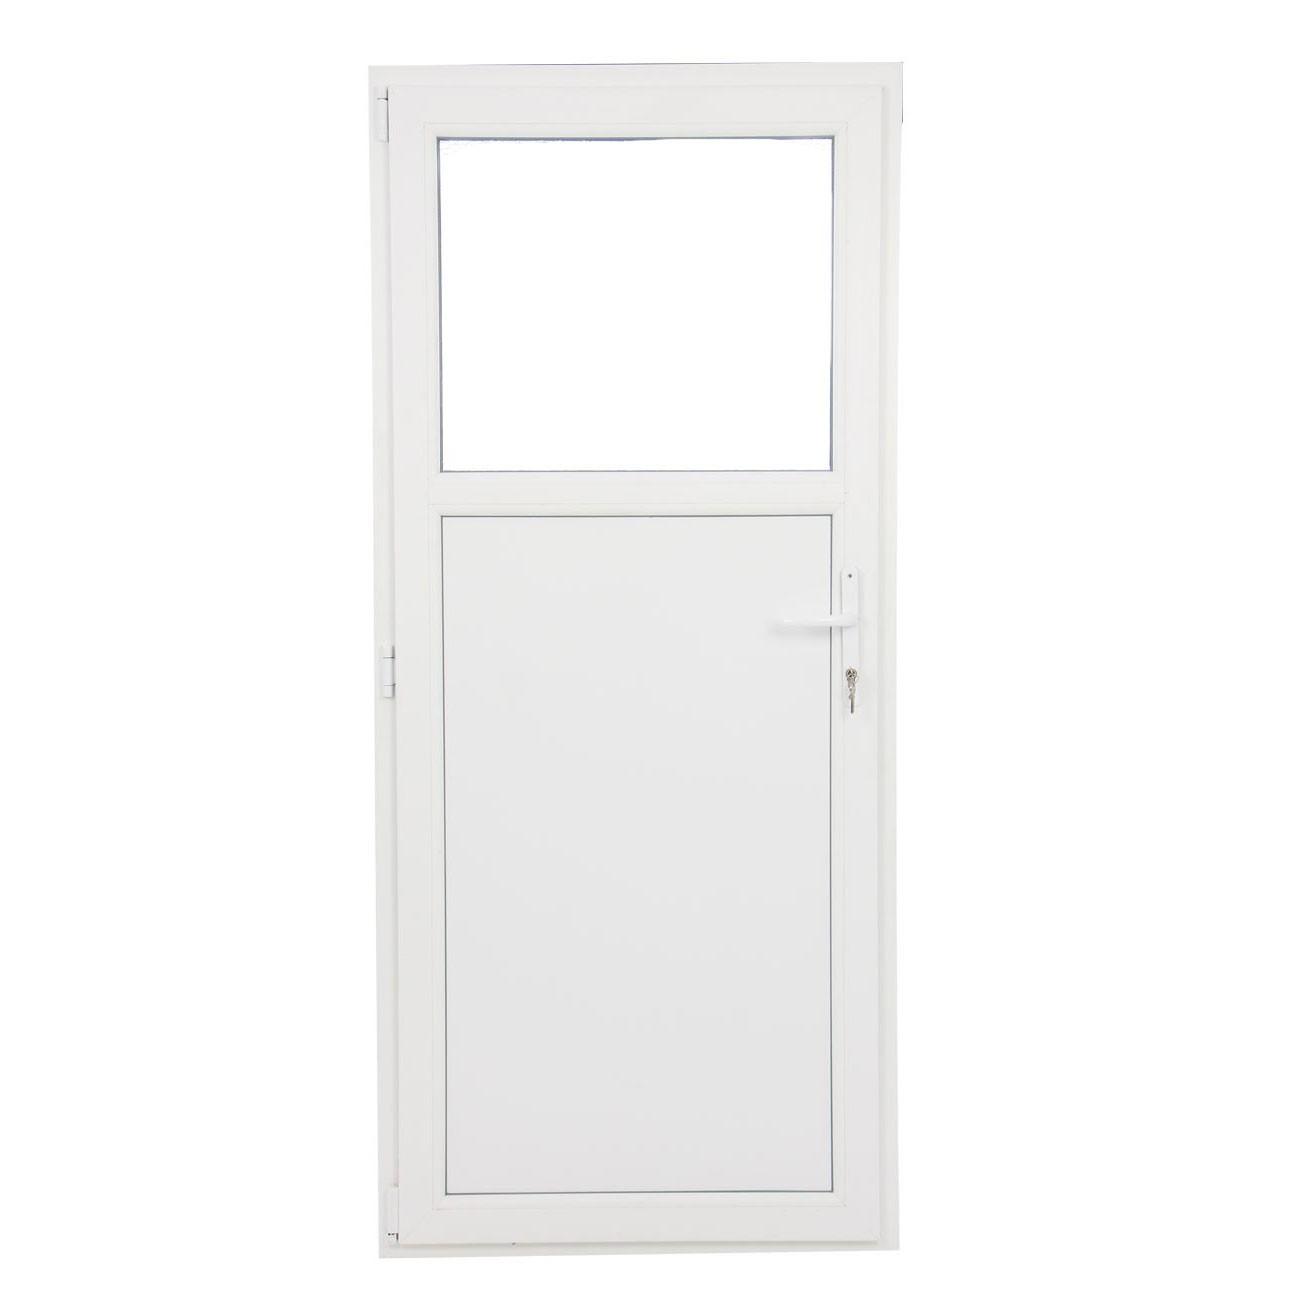 Usa exterior din PVC cu geam termopan 1/3, Far Est Weiss tip 1, 3 camere, prag PVC, stanga, alb, 87 x 197 cm